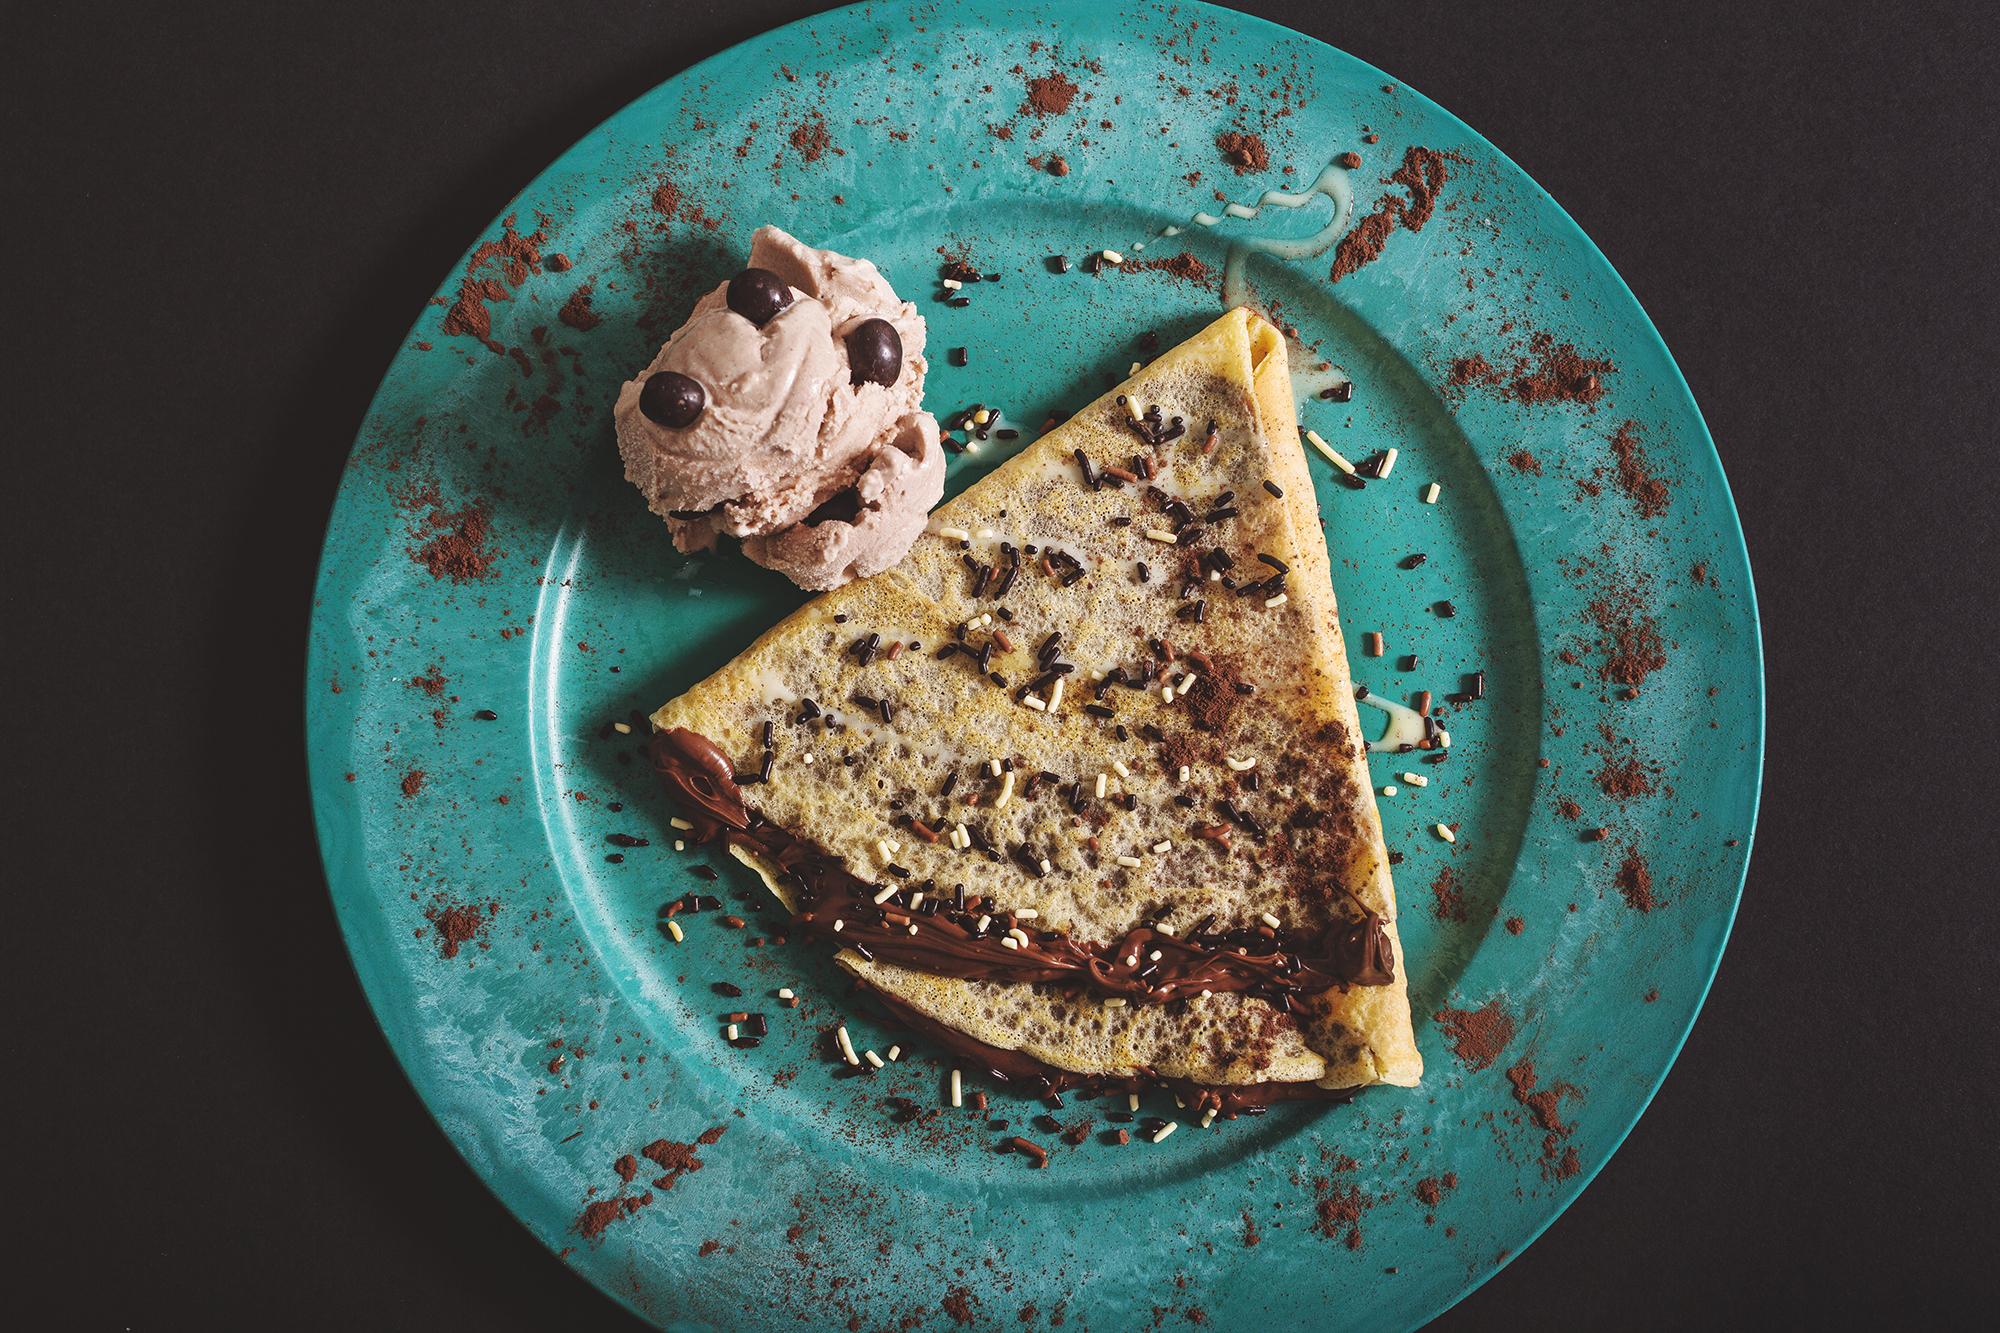 Crepa de Nutella con Helado Valachi